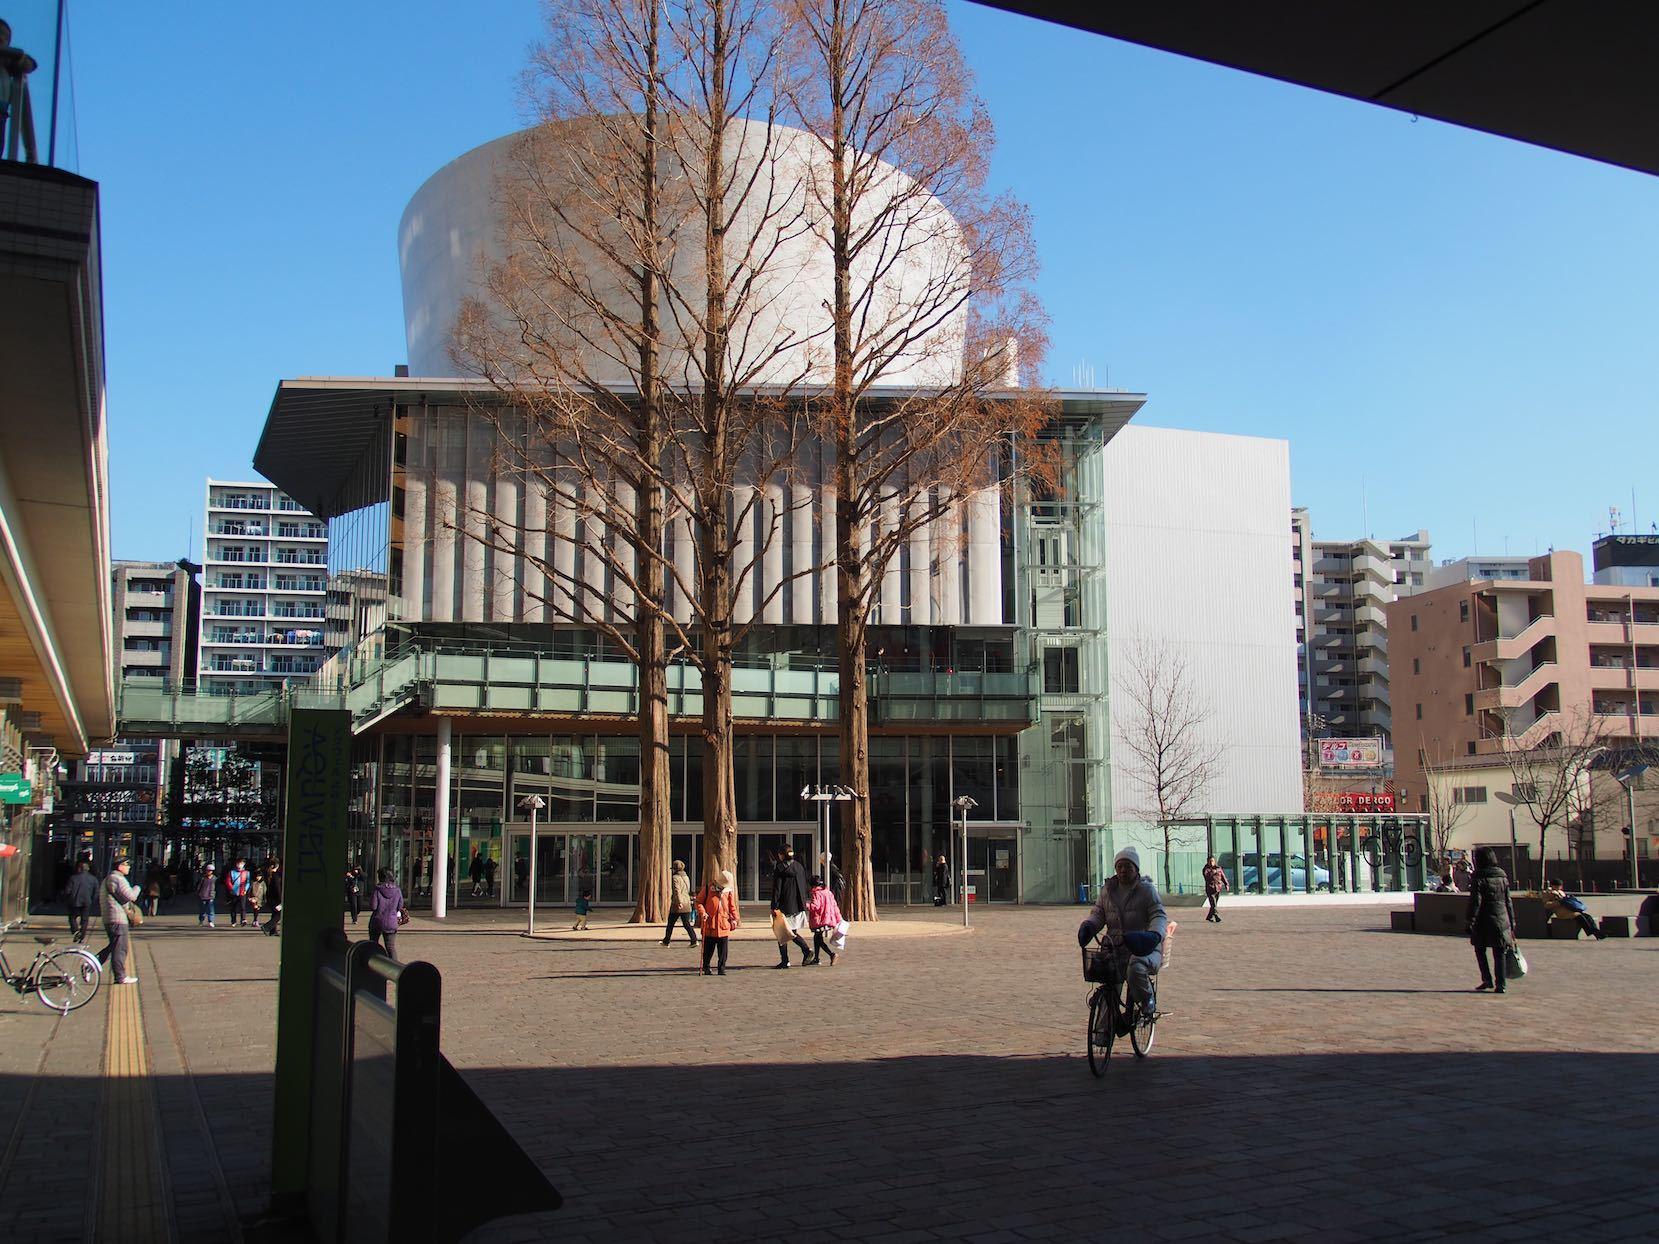 武蔵小金井駅周辺10_b0360240_22444089.jpg